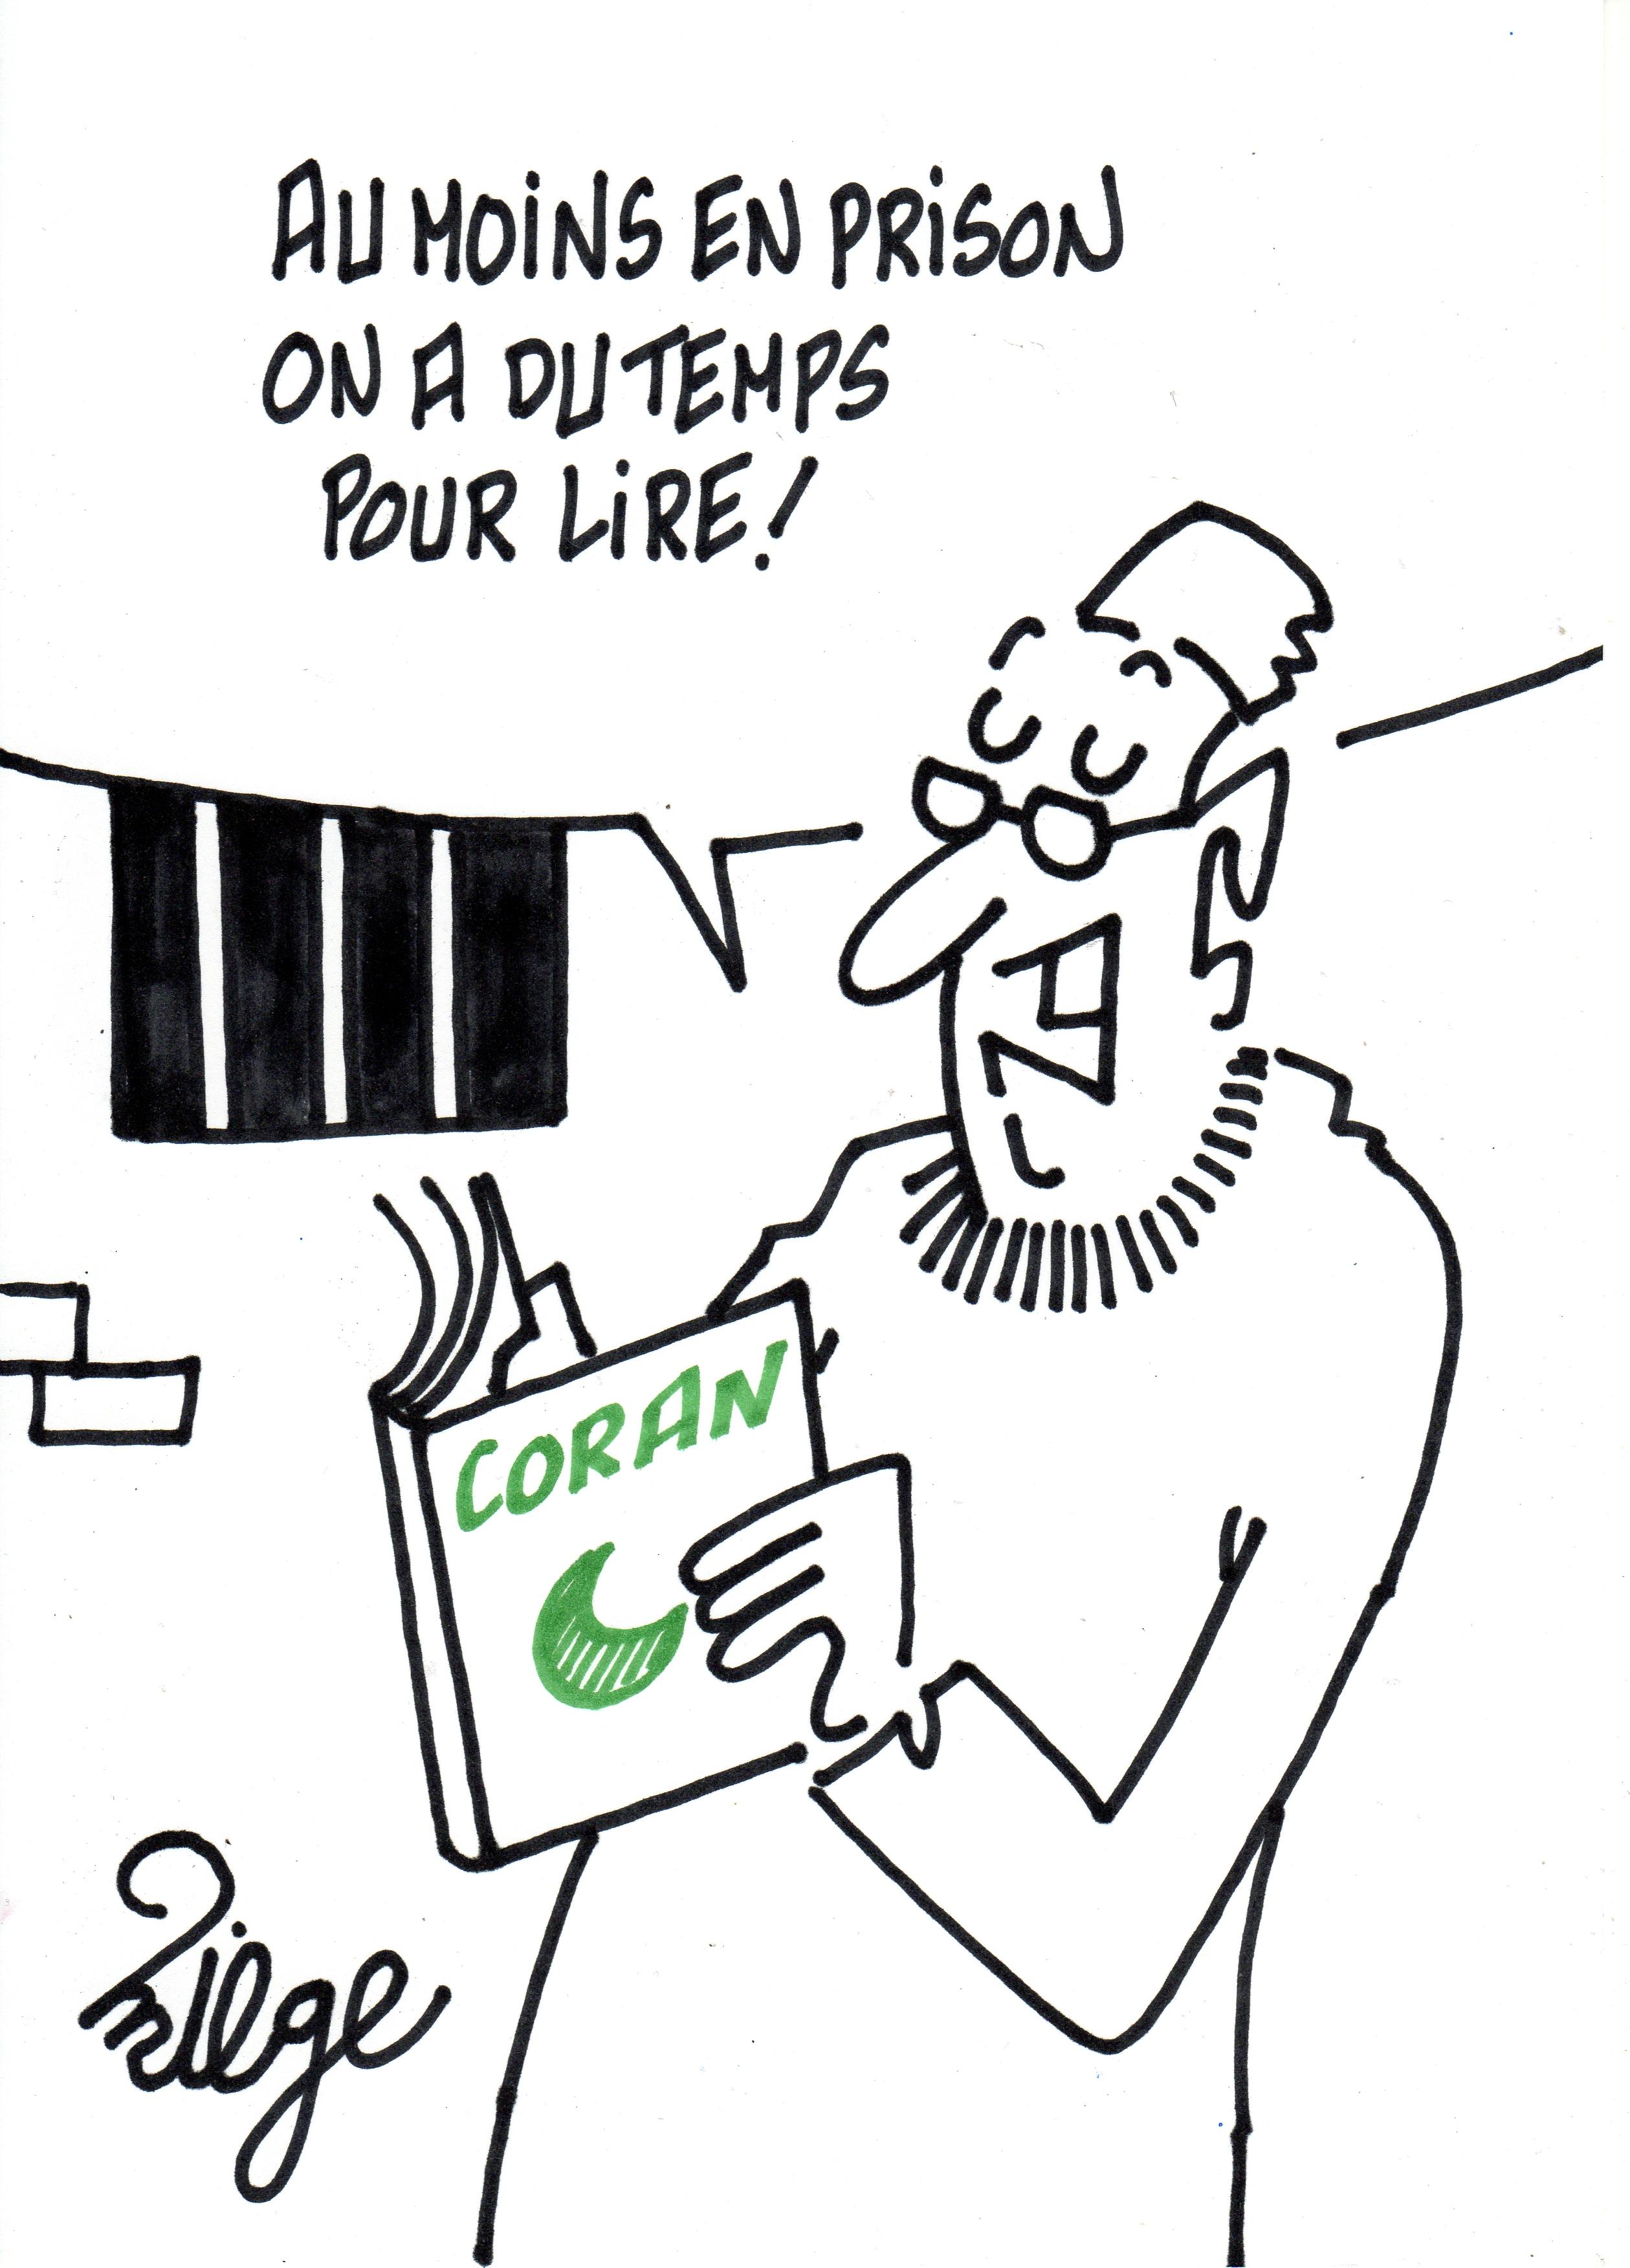 Musulmans, si vous voulez être crédibles, jetez votre coran !